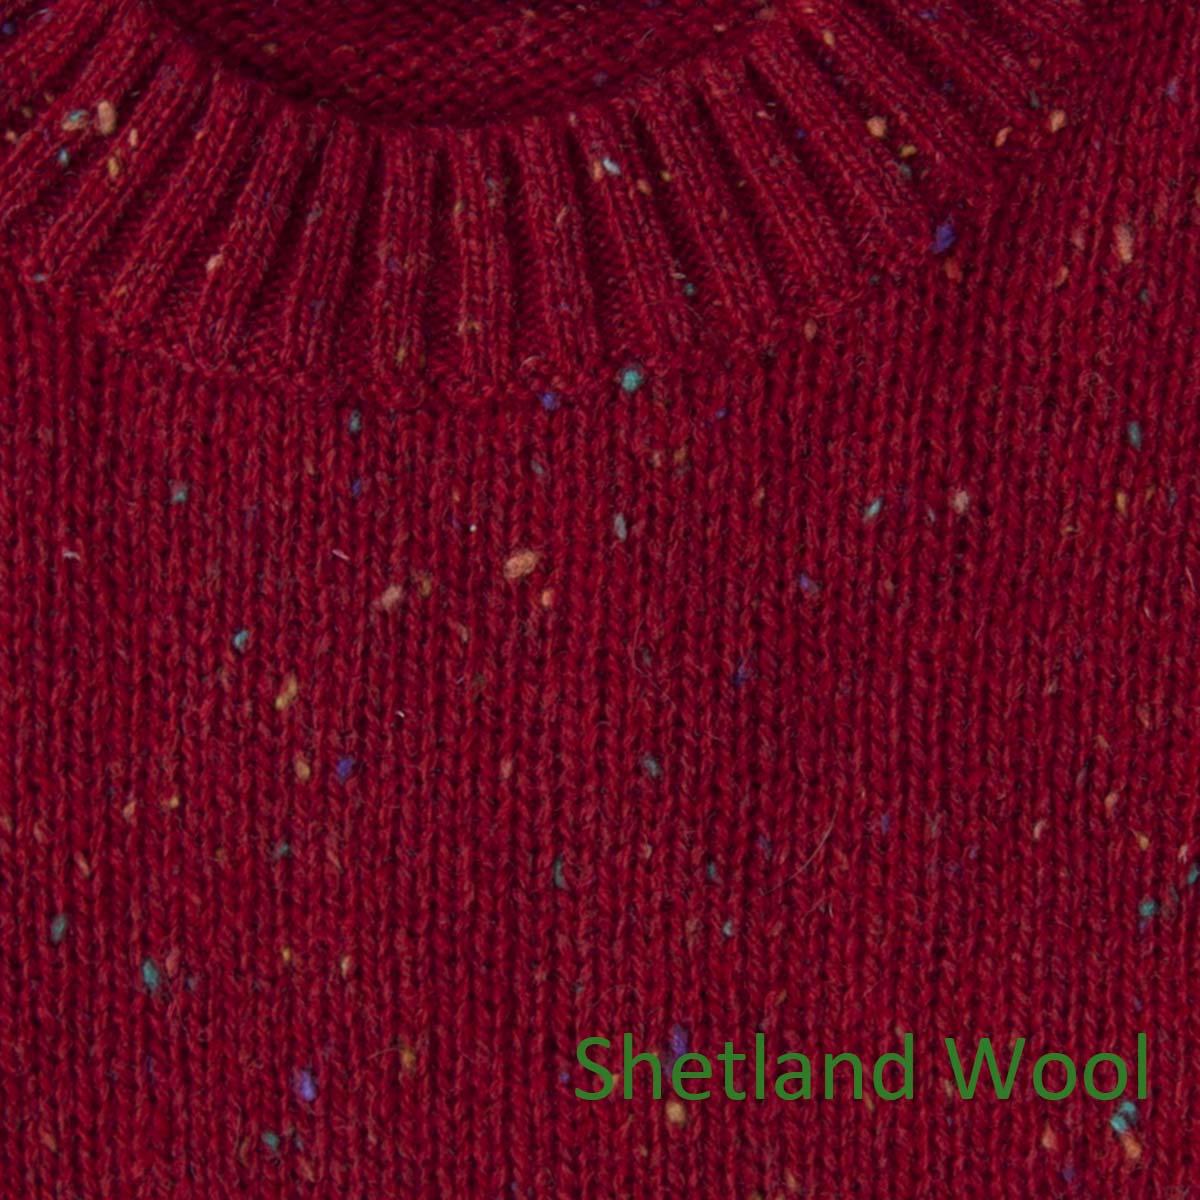 画像2: ペンドルトン シェトランド ウール セーター(レッド)S/Pendleton Shetland Wool Sweater Red